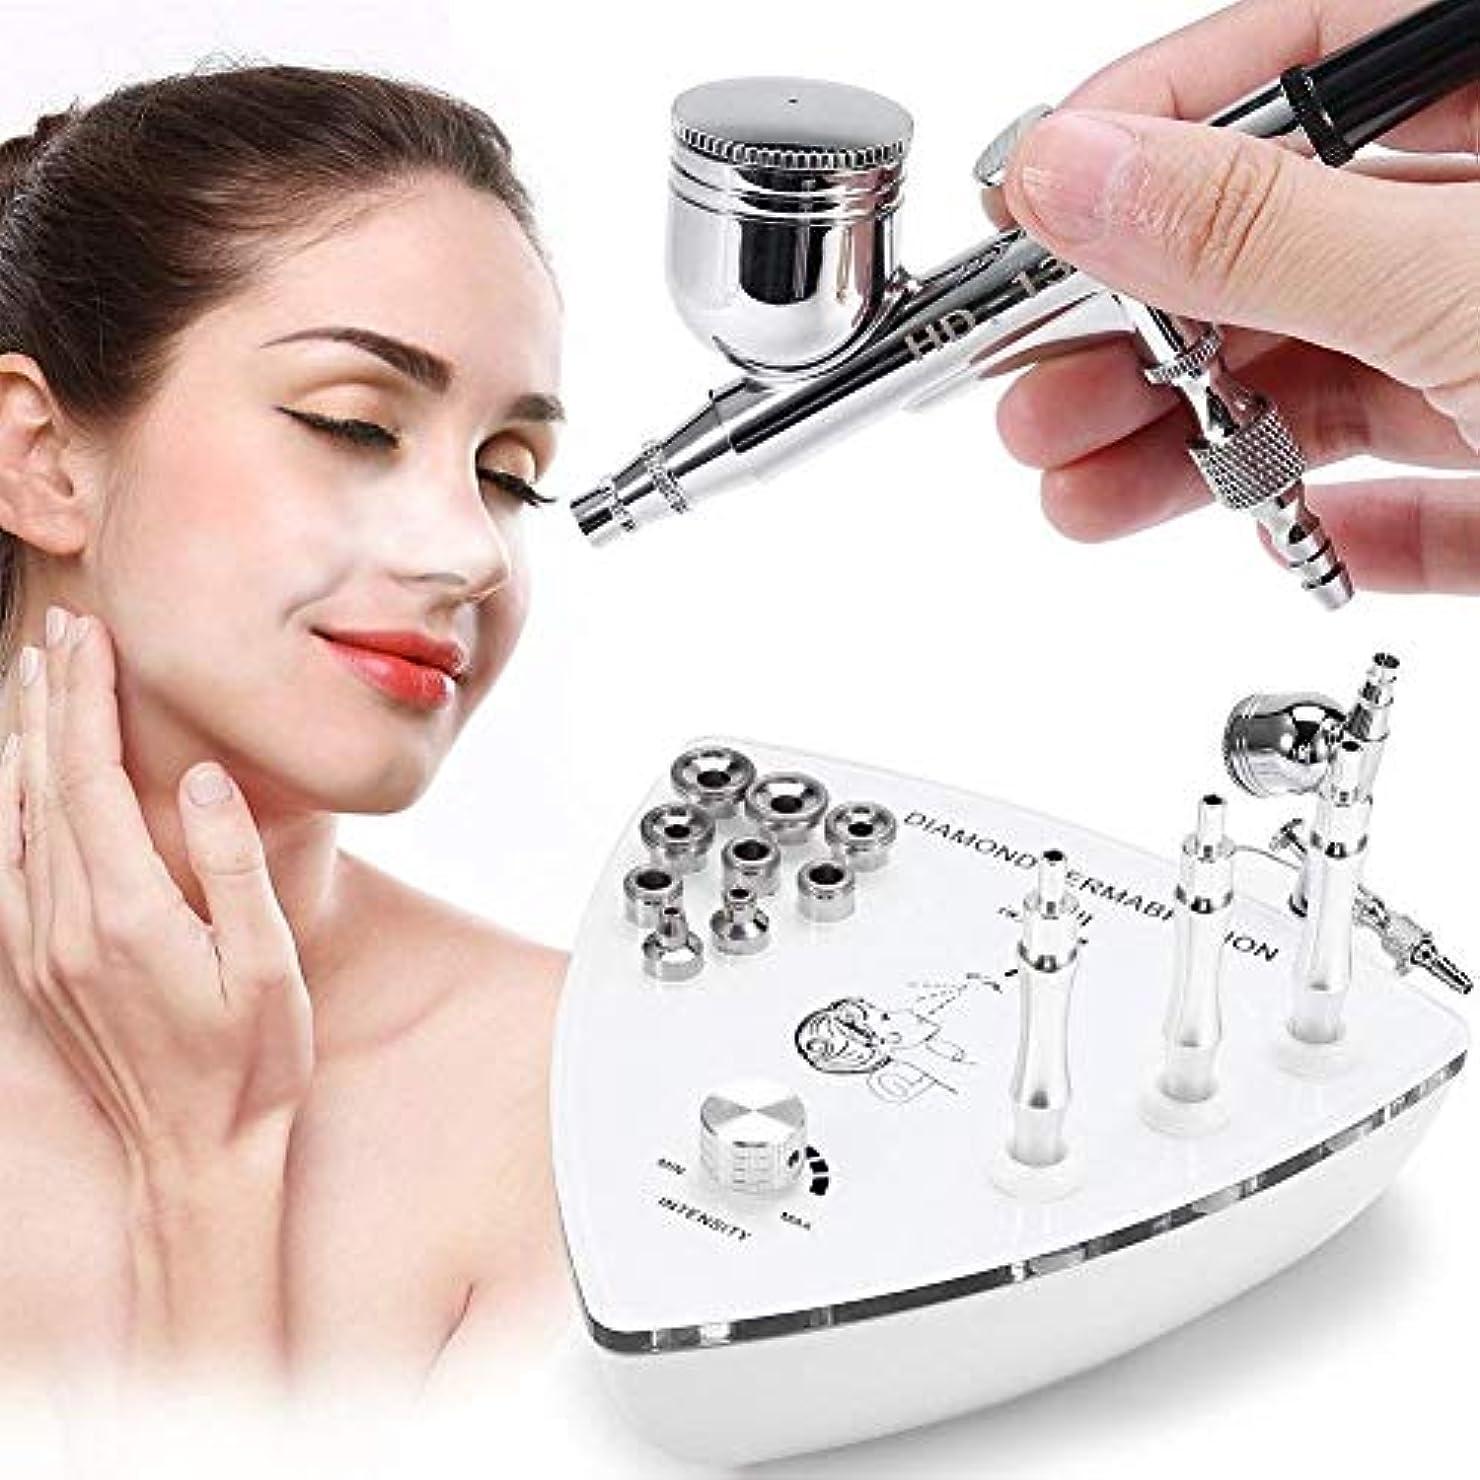 突撃接続宣伝専門のダイヤモンドのMicrodermabrasion Dermabrasion機械、顔の心配の皮装置水スプレーのしわの取り外しの皮のきつく締まる剥離のための家の使用のための装置